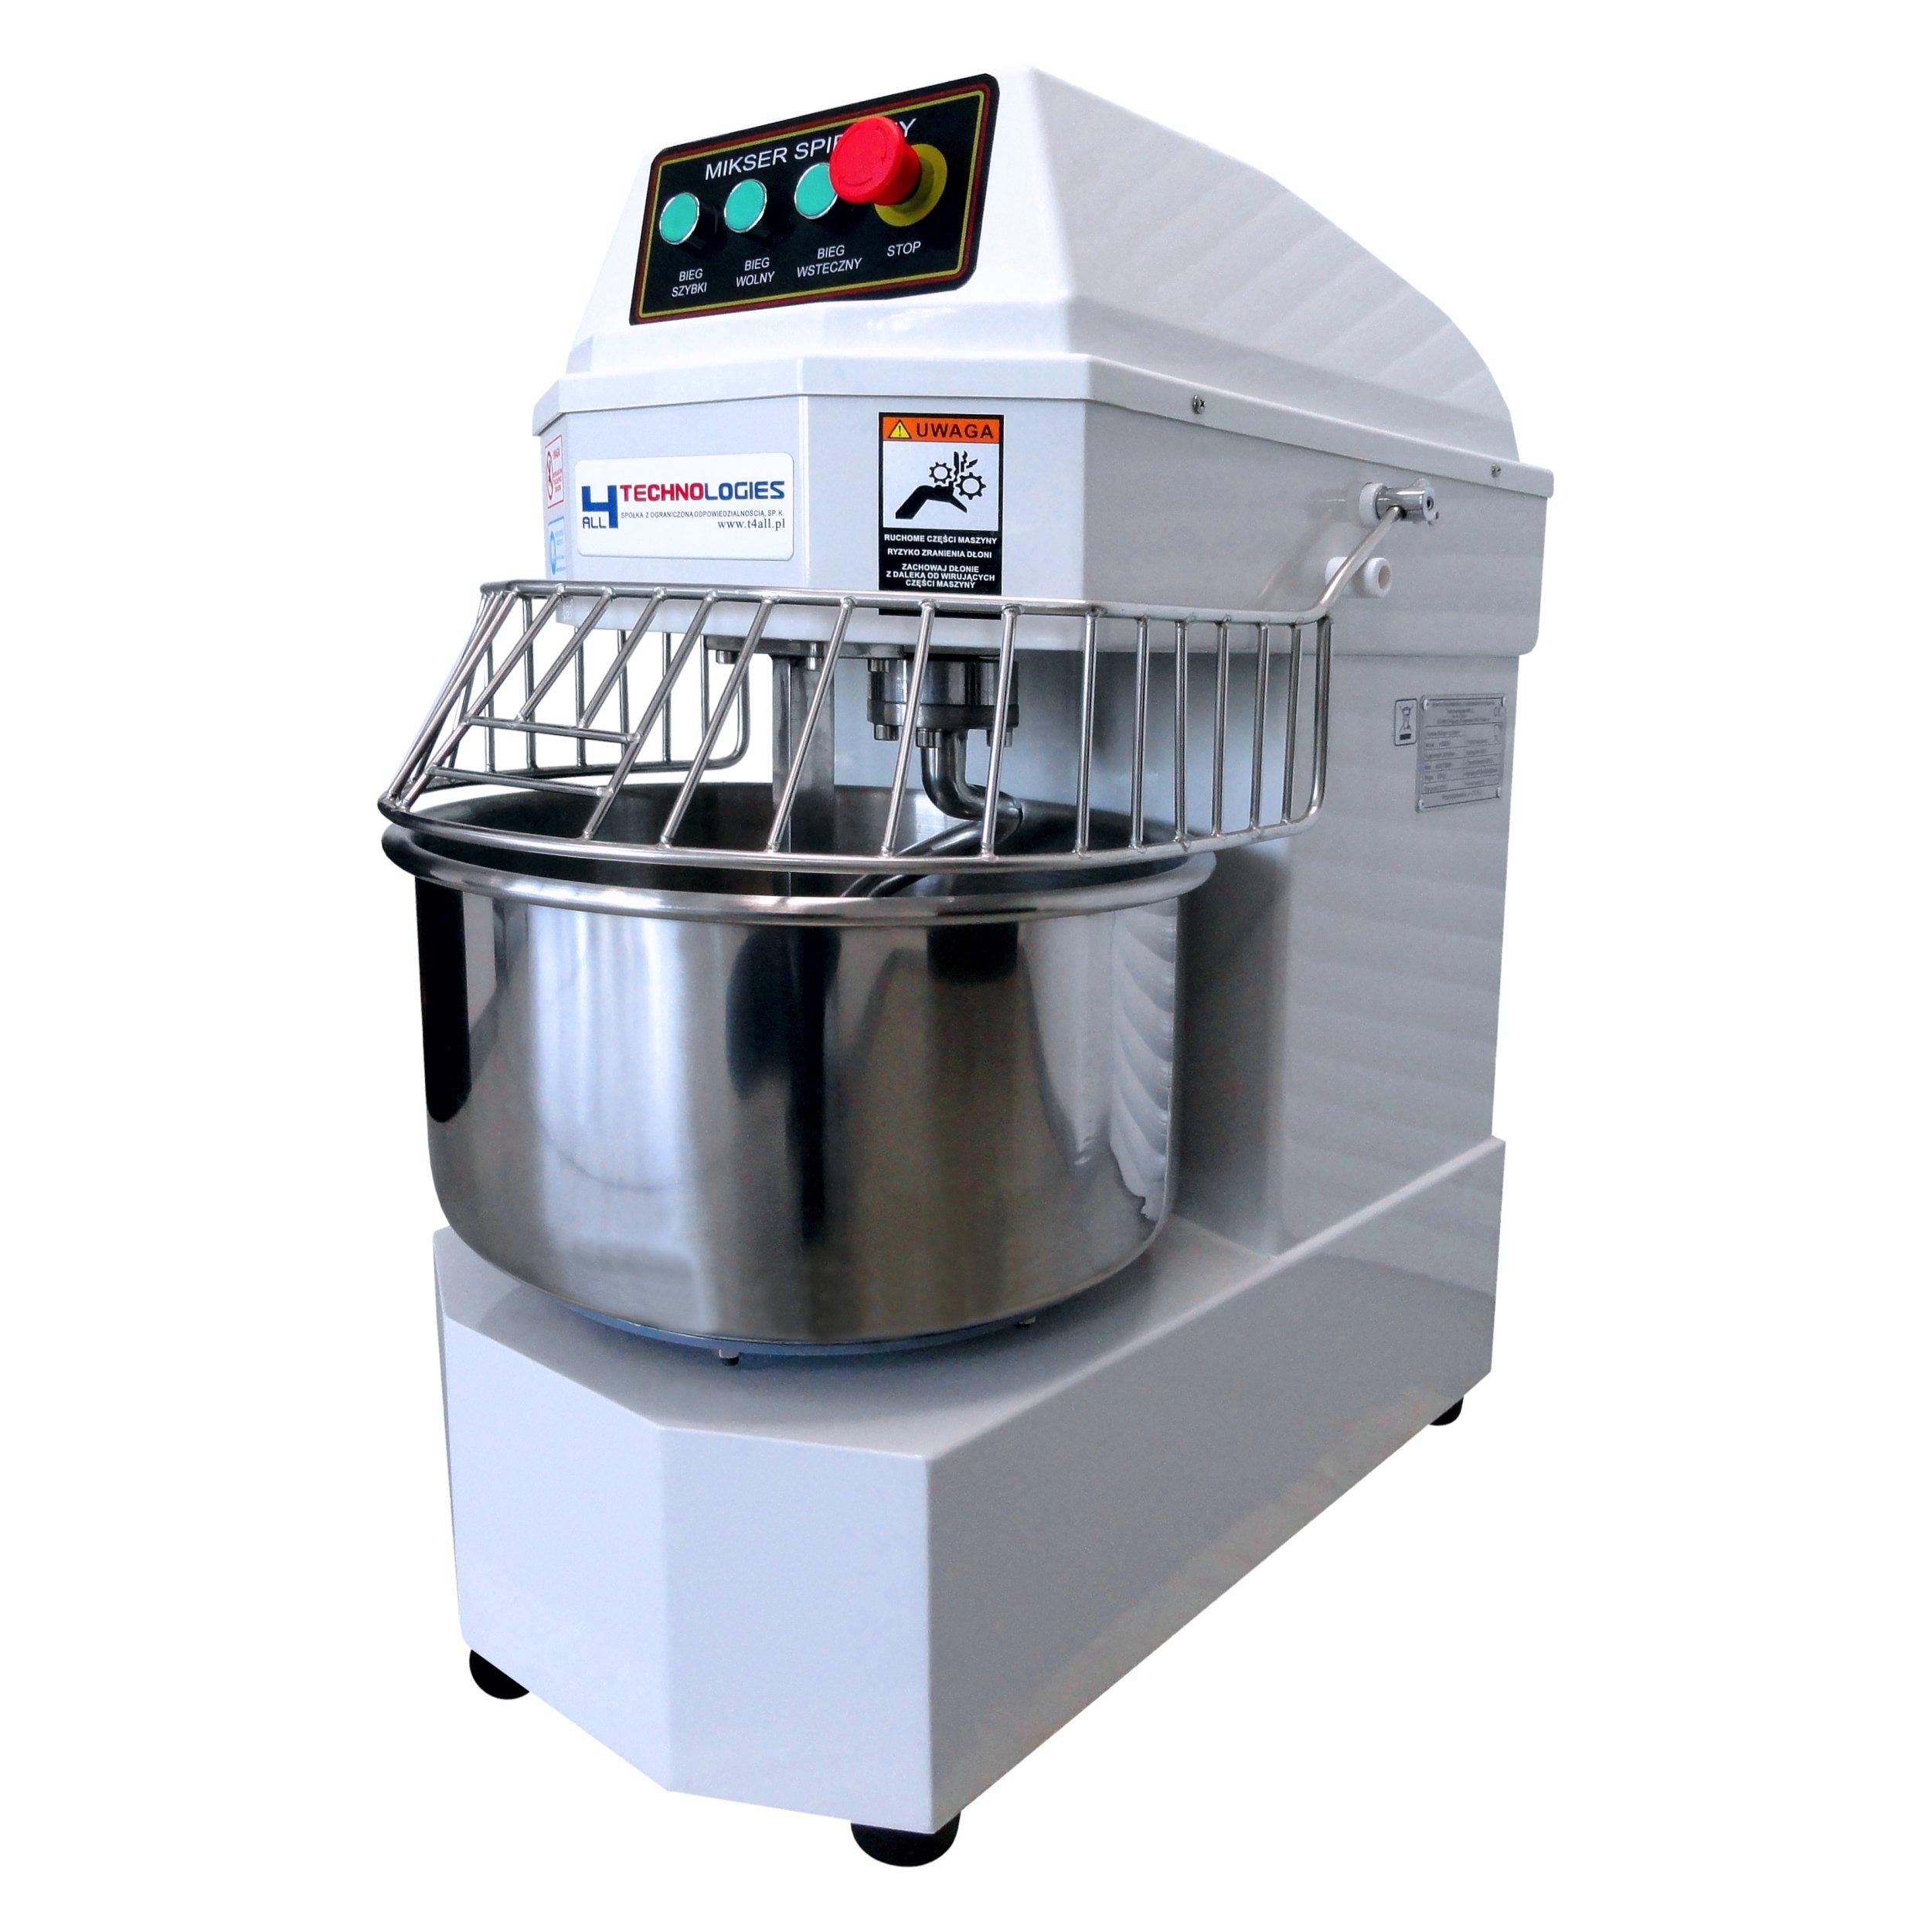 Bakery Mixer SPIRAL 30L SPIRAL MIXER